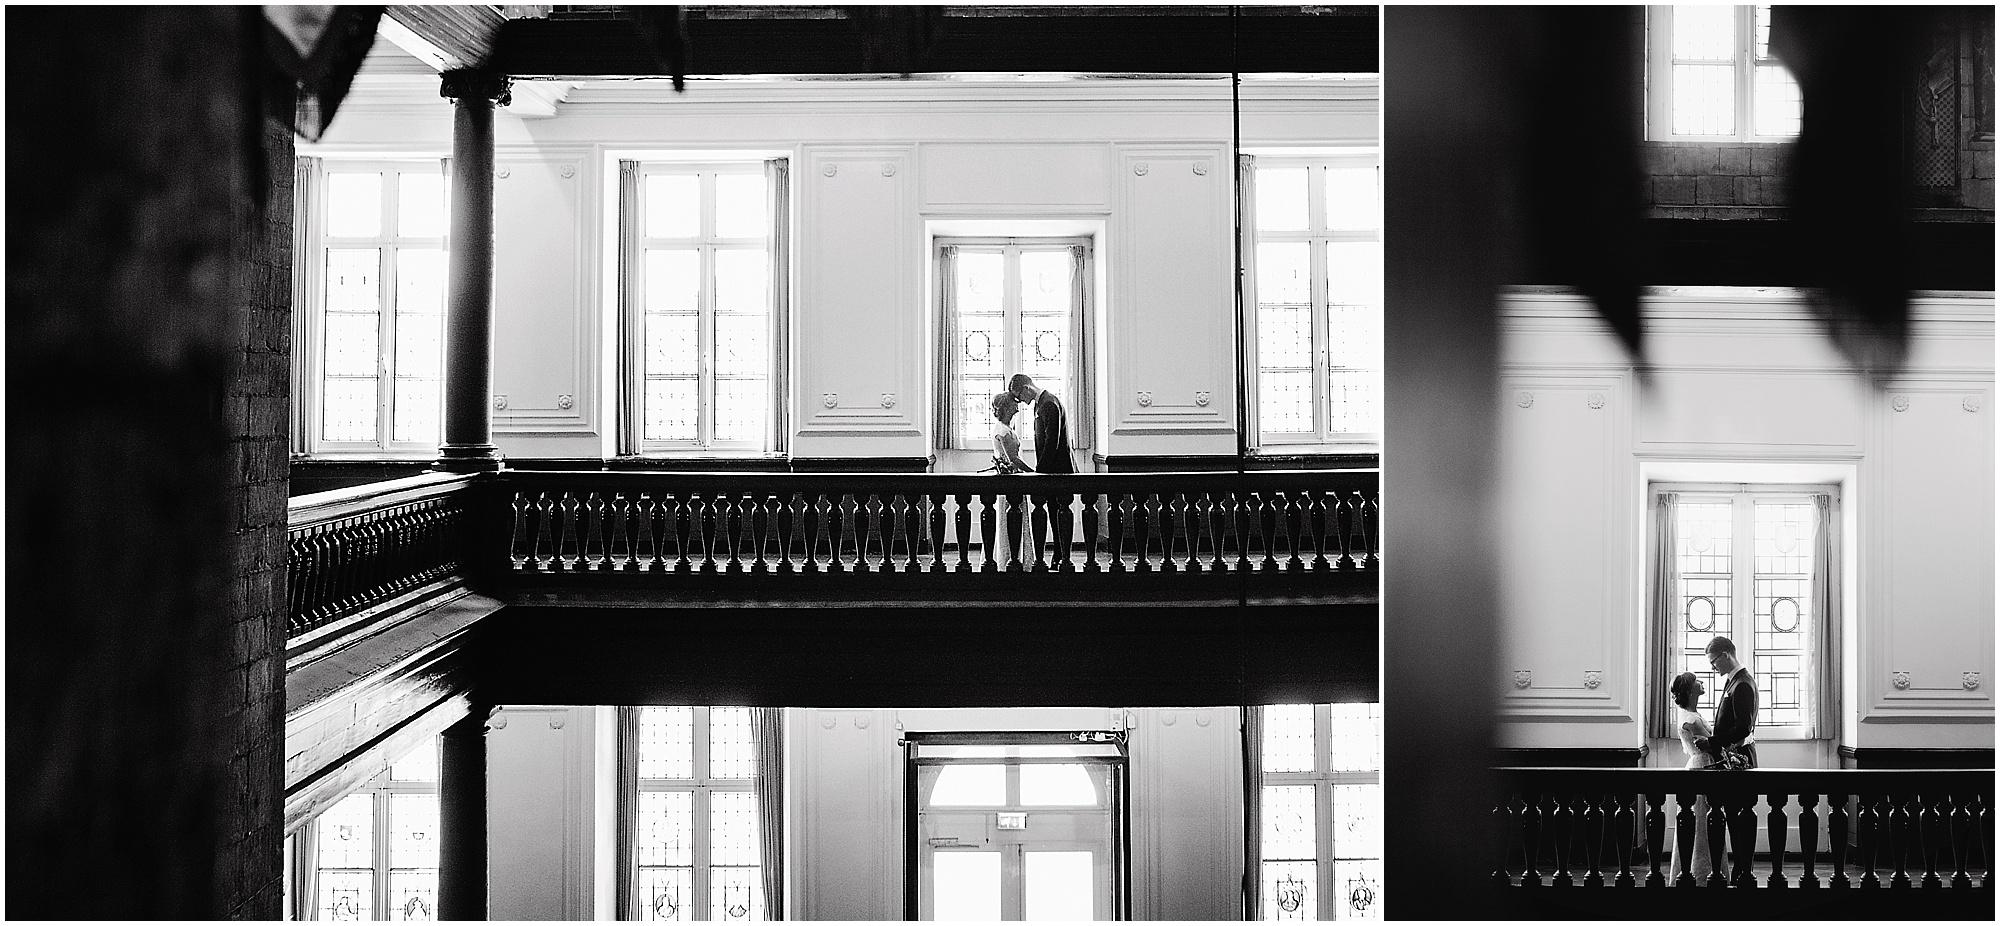 RUUD Fotografie, bruidsfotograaf Maastricht, bruidsfotograaf Limburg, bruidsfotograaf Zuid-Limburg, trouwfotograaf Maastricht, trouwfotograaf Limburg, trouwfotograaf Zuid-Limburg, trouwen bij Ipanema, trouwen Ipanema, trouwen in Maastricht, trouwen in Limburg, trouwen in Zuid-Limburg, bruidsreportage Maastricht, trouw